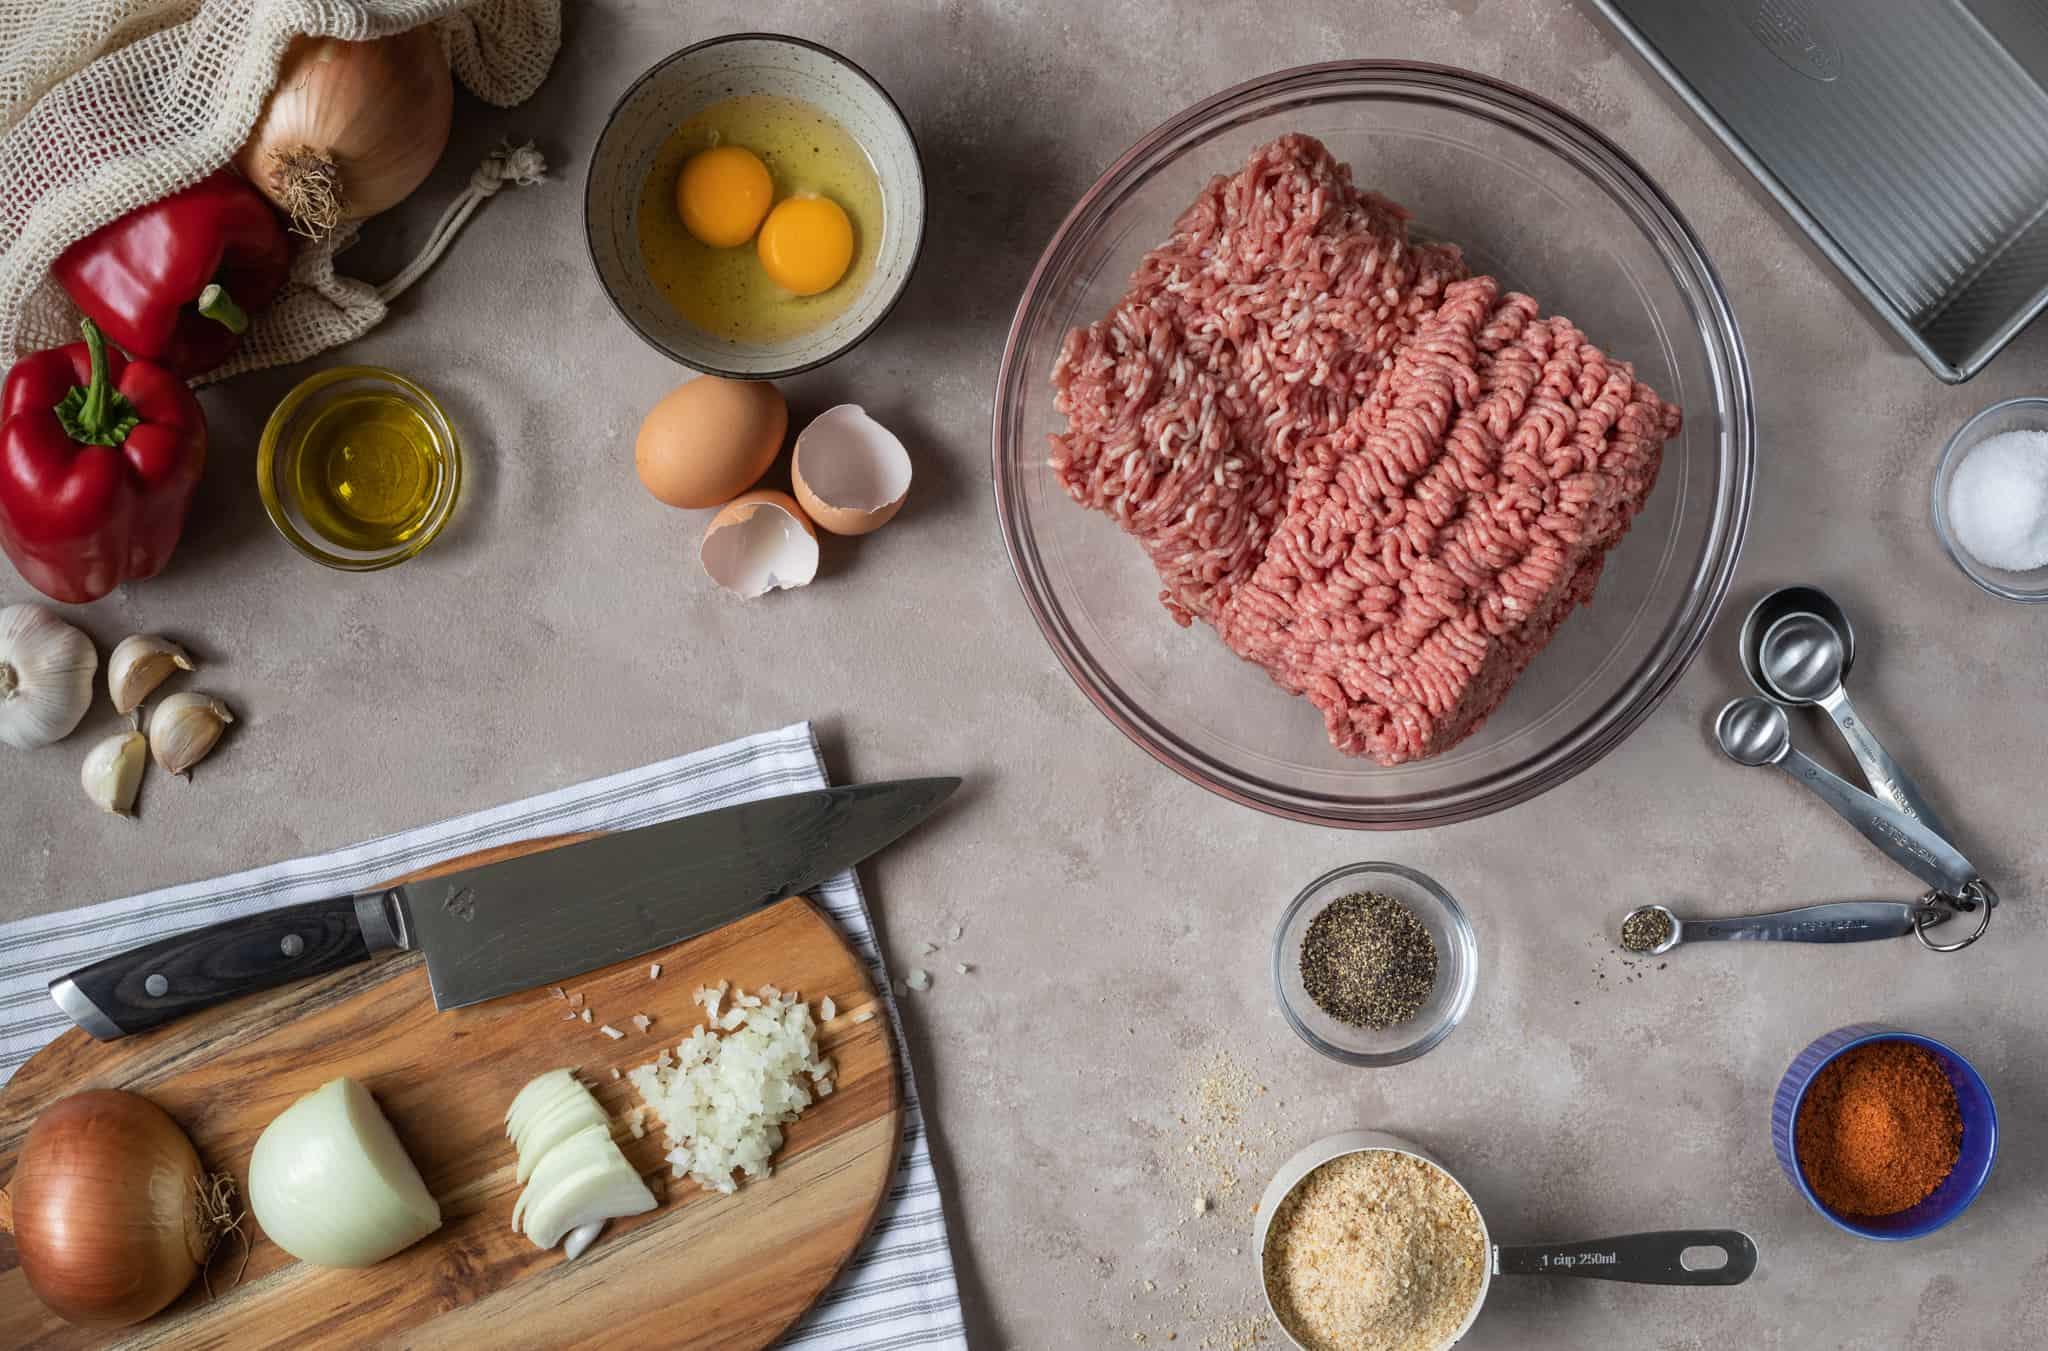 Best Ever Meatloaf Ingredients